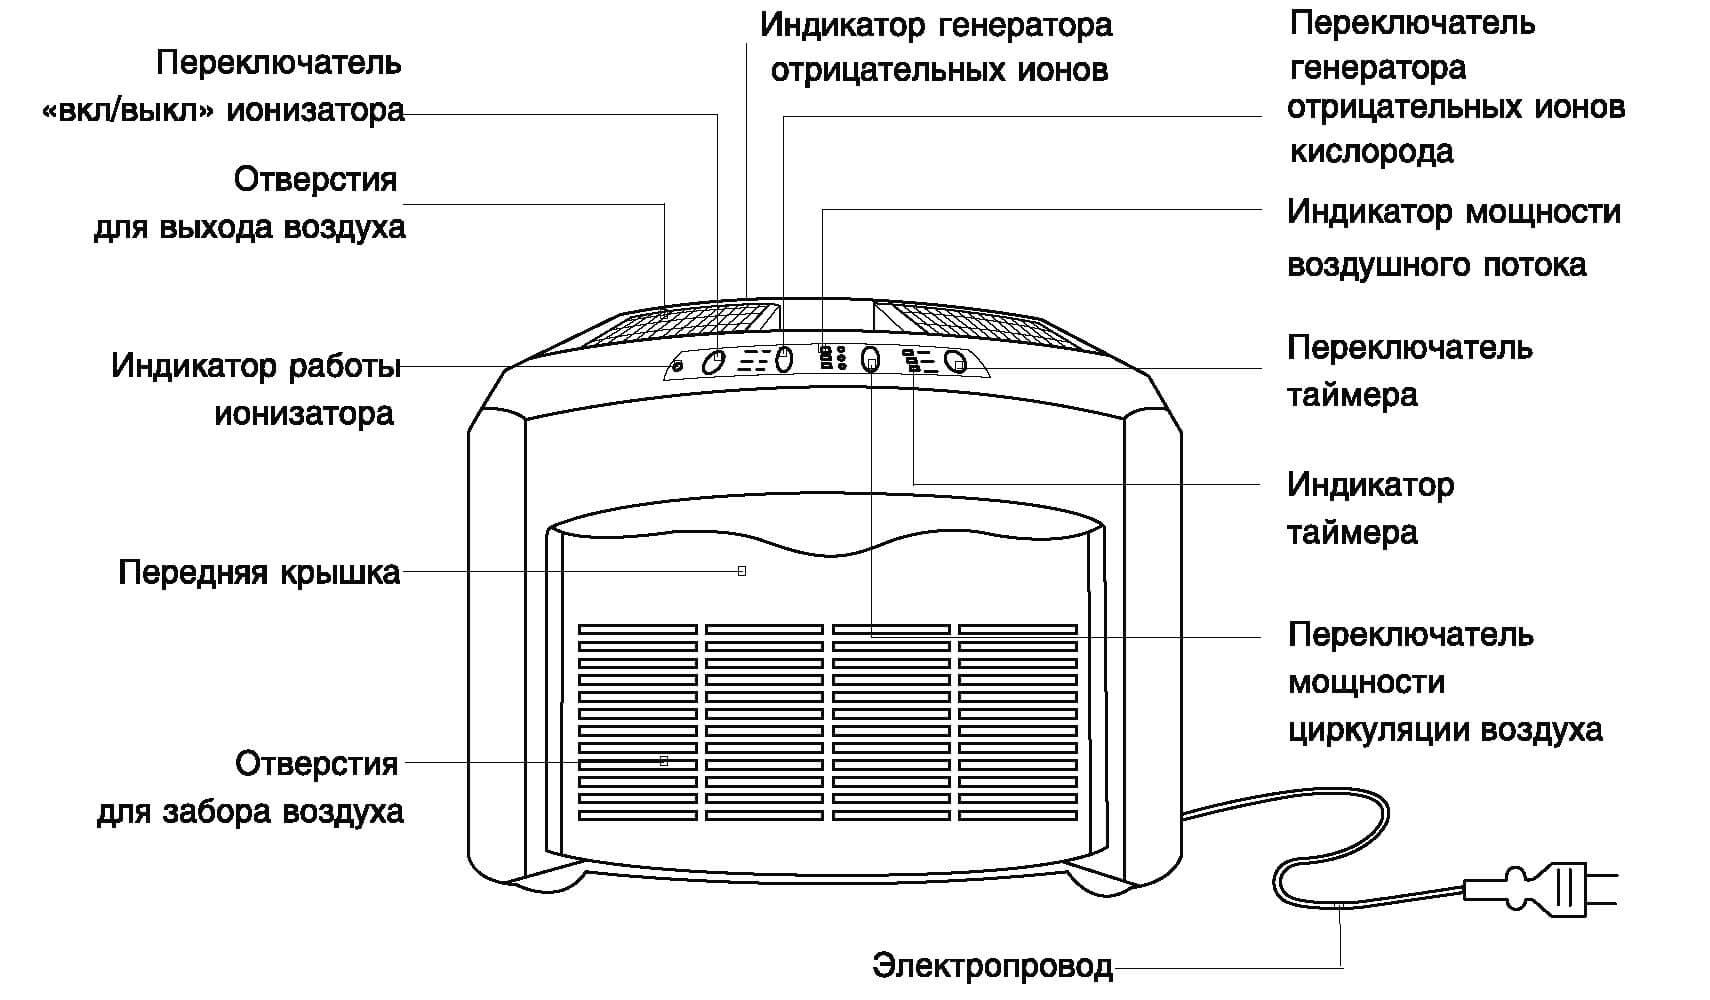 Как работает ионизатор воздуха — описание принципа работы. что делает и что даёт ионизатор